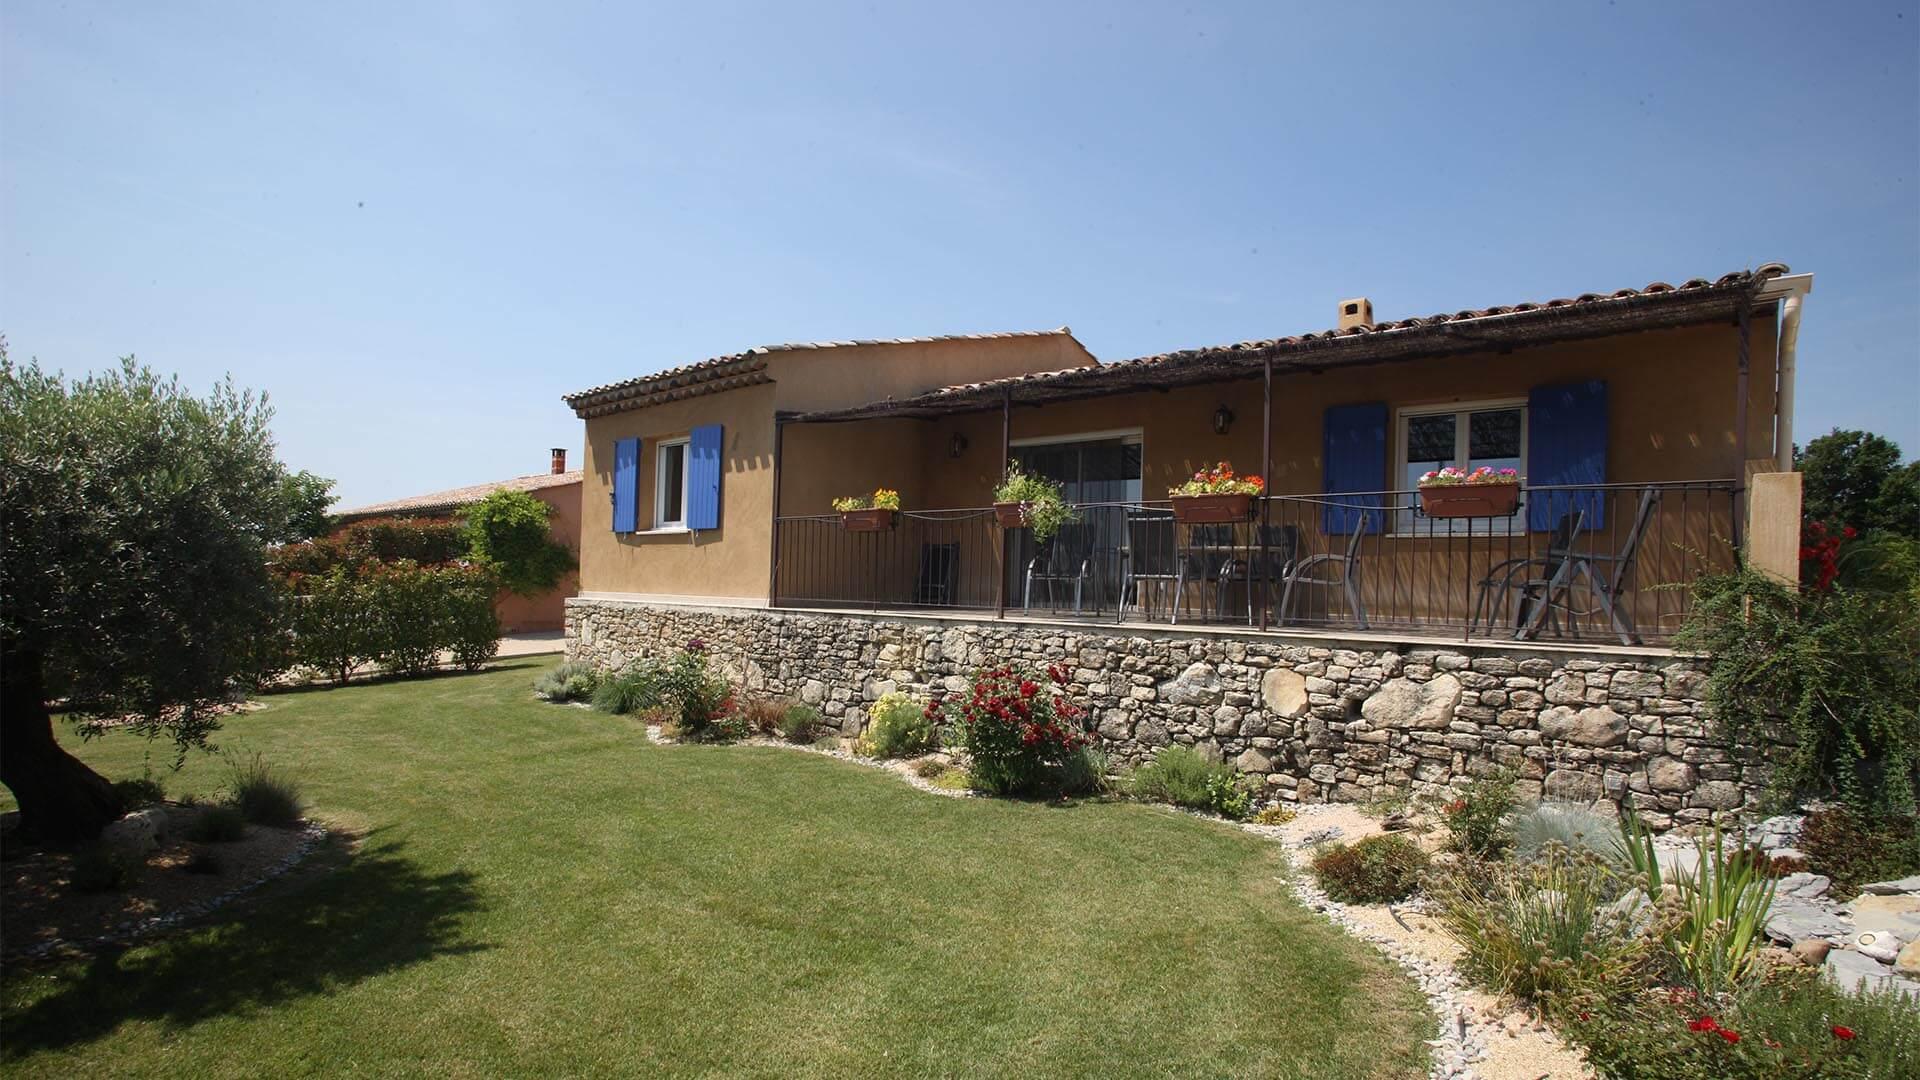 Villa à louer vacances Provence Alpes Côte d'Azur | Villa terre d'ocre | Jardin et terrasse